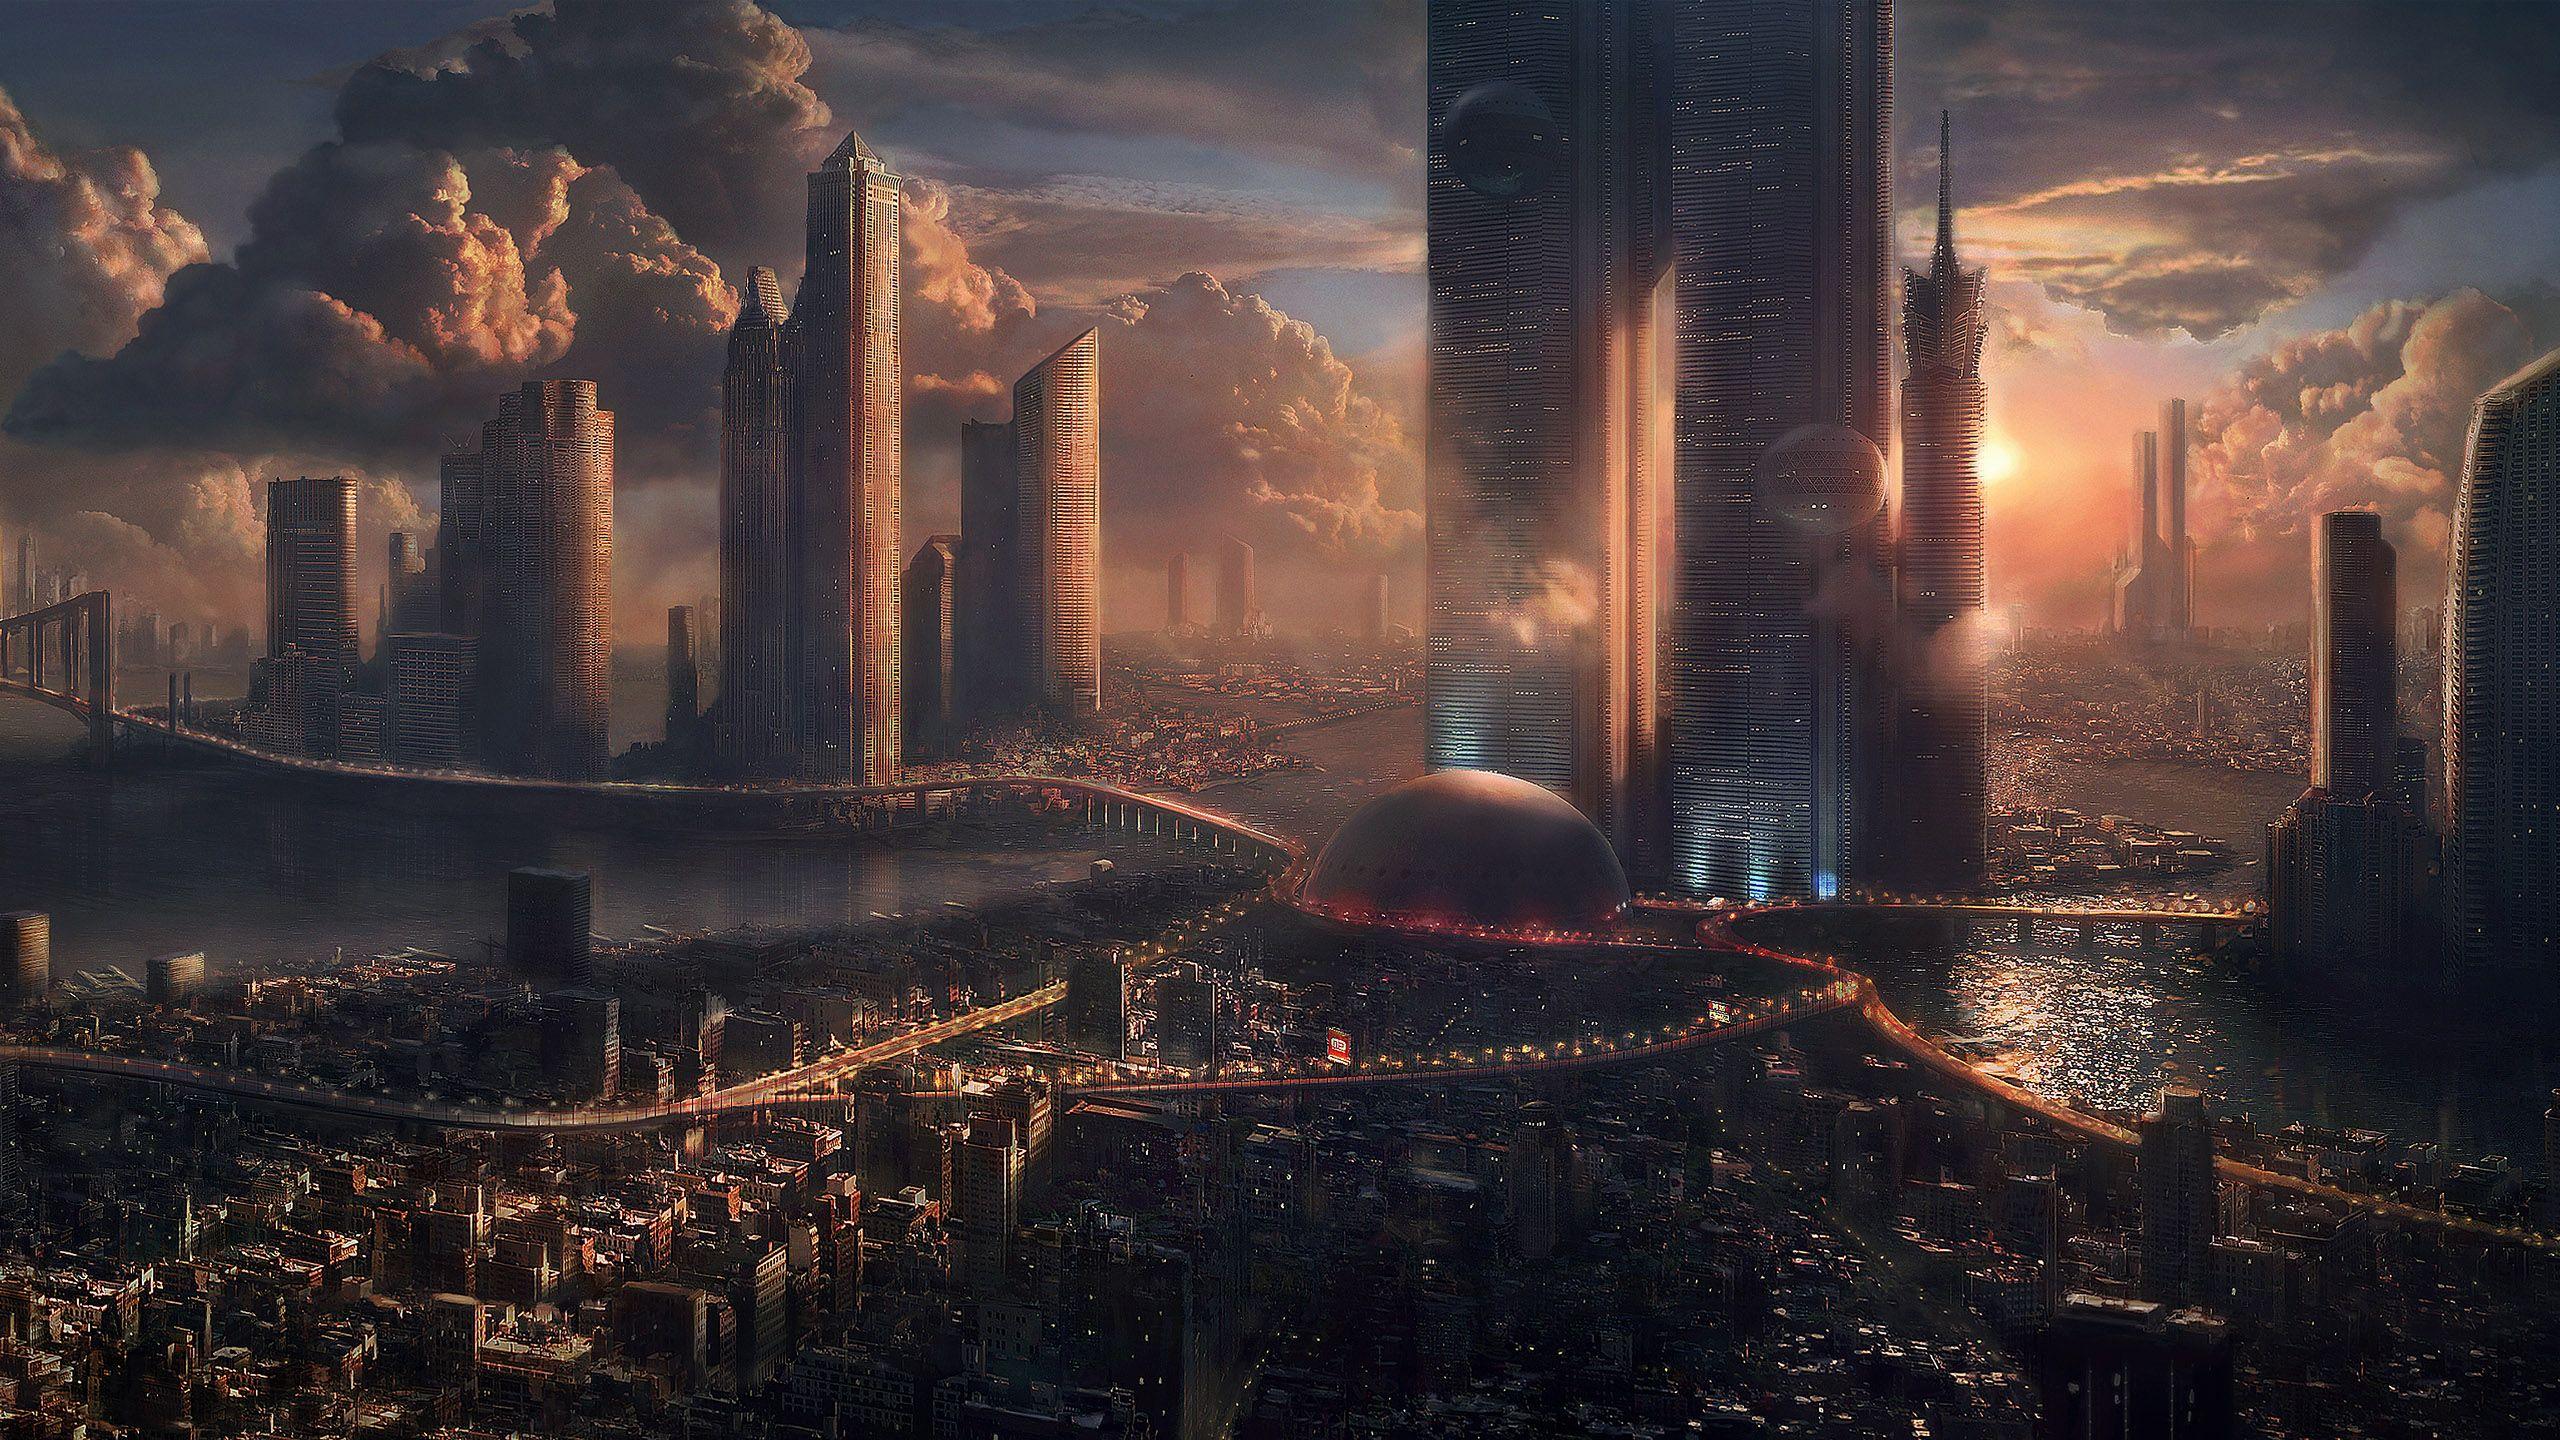 Sci Fi Wallpaper 2560x1440